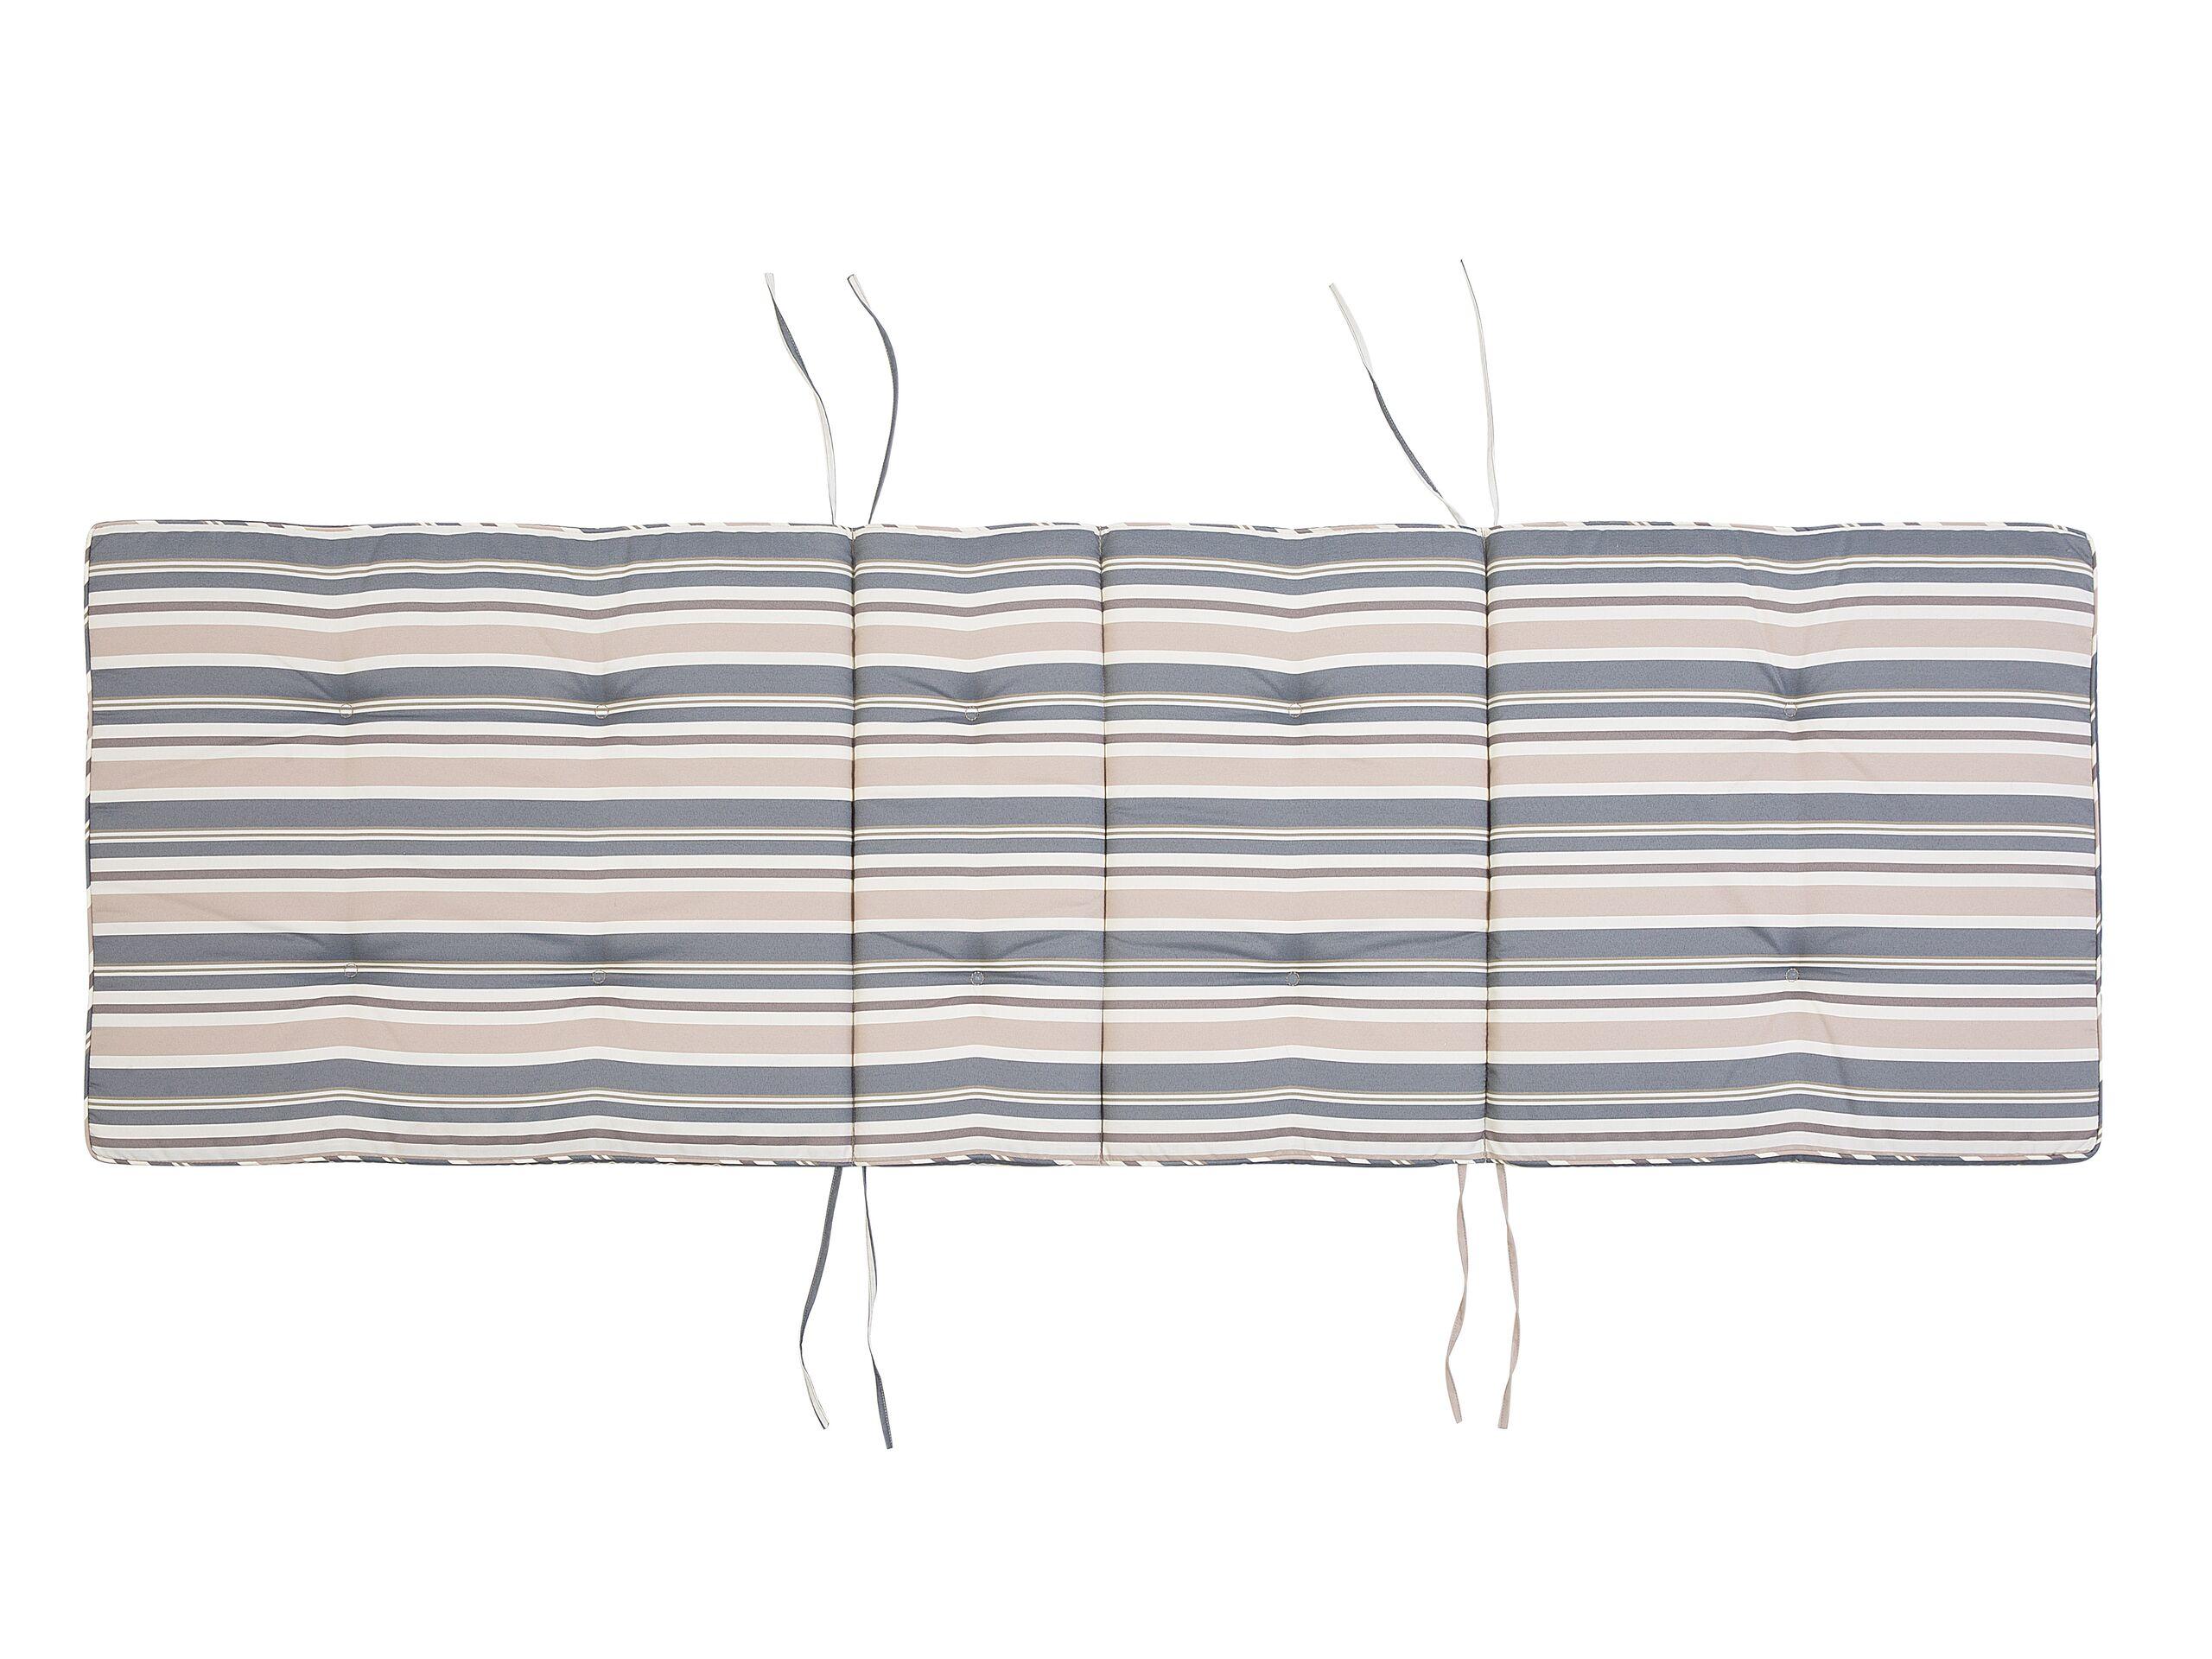 Coussin de transat bleu et beige L188cm